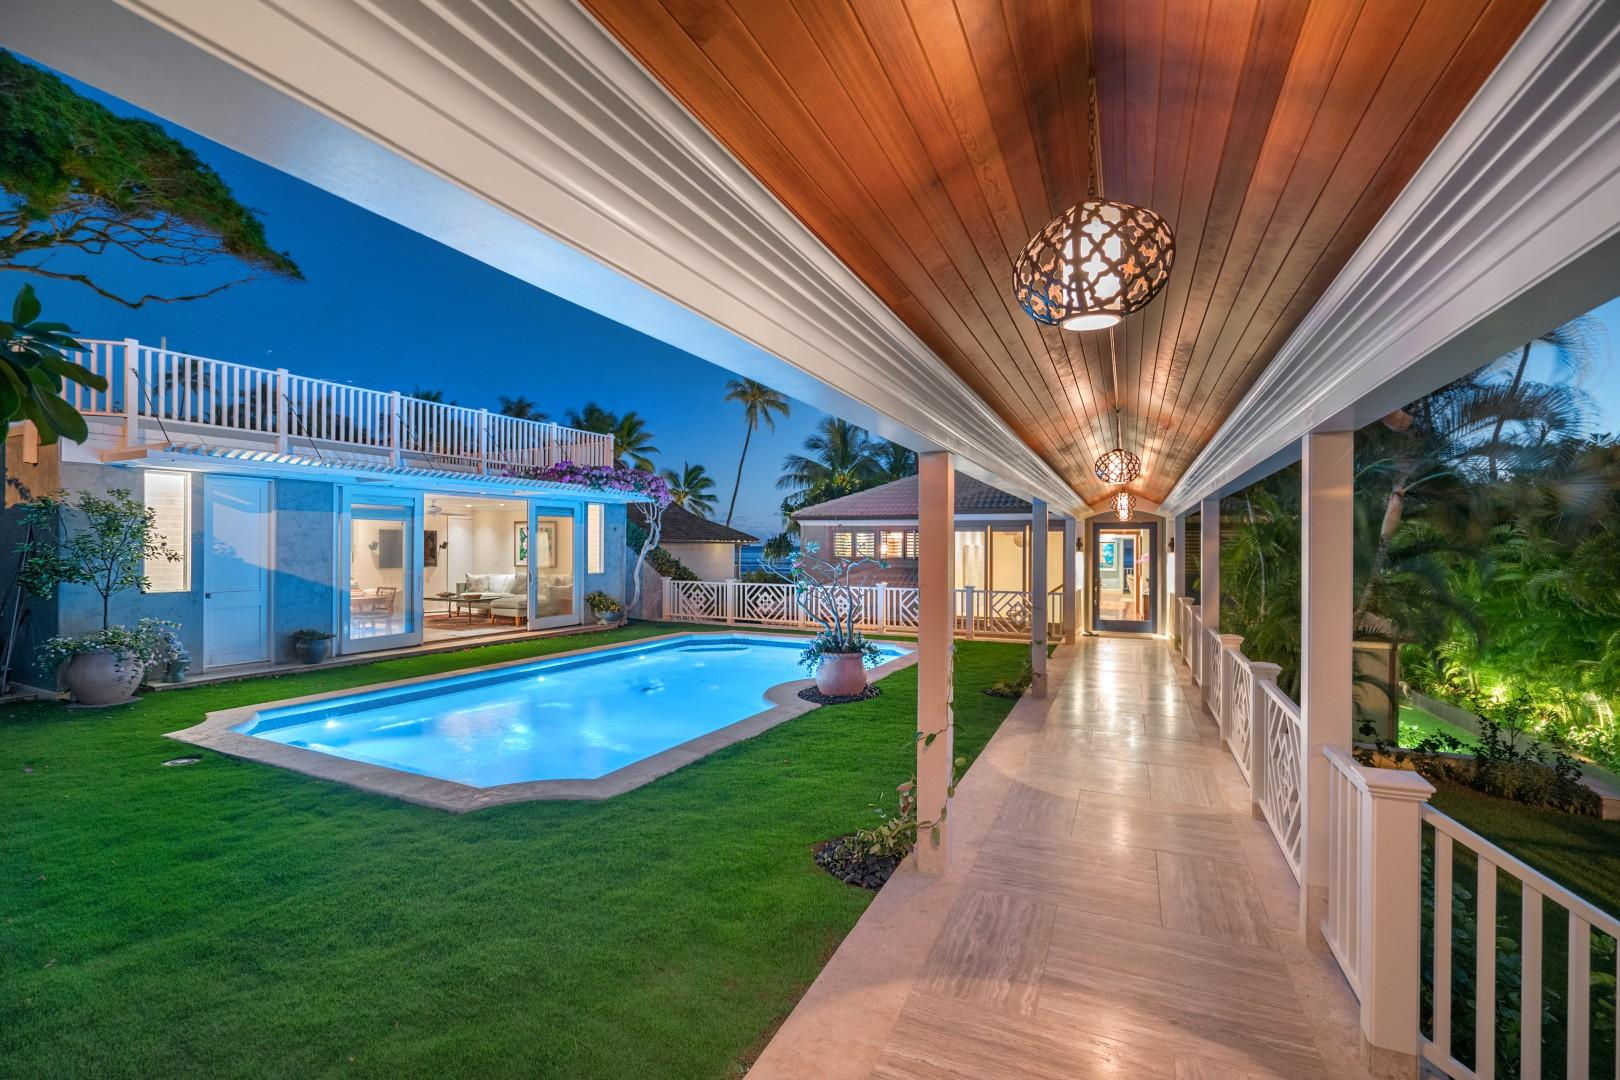 Beautiful pool courtyard area